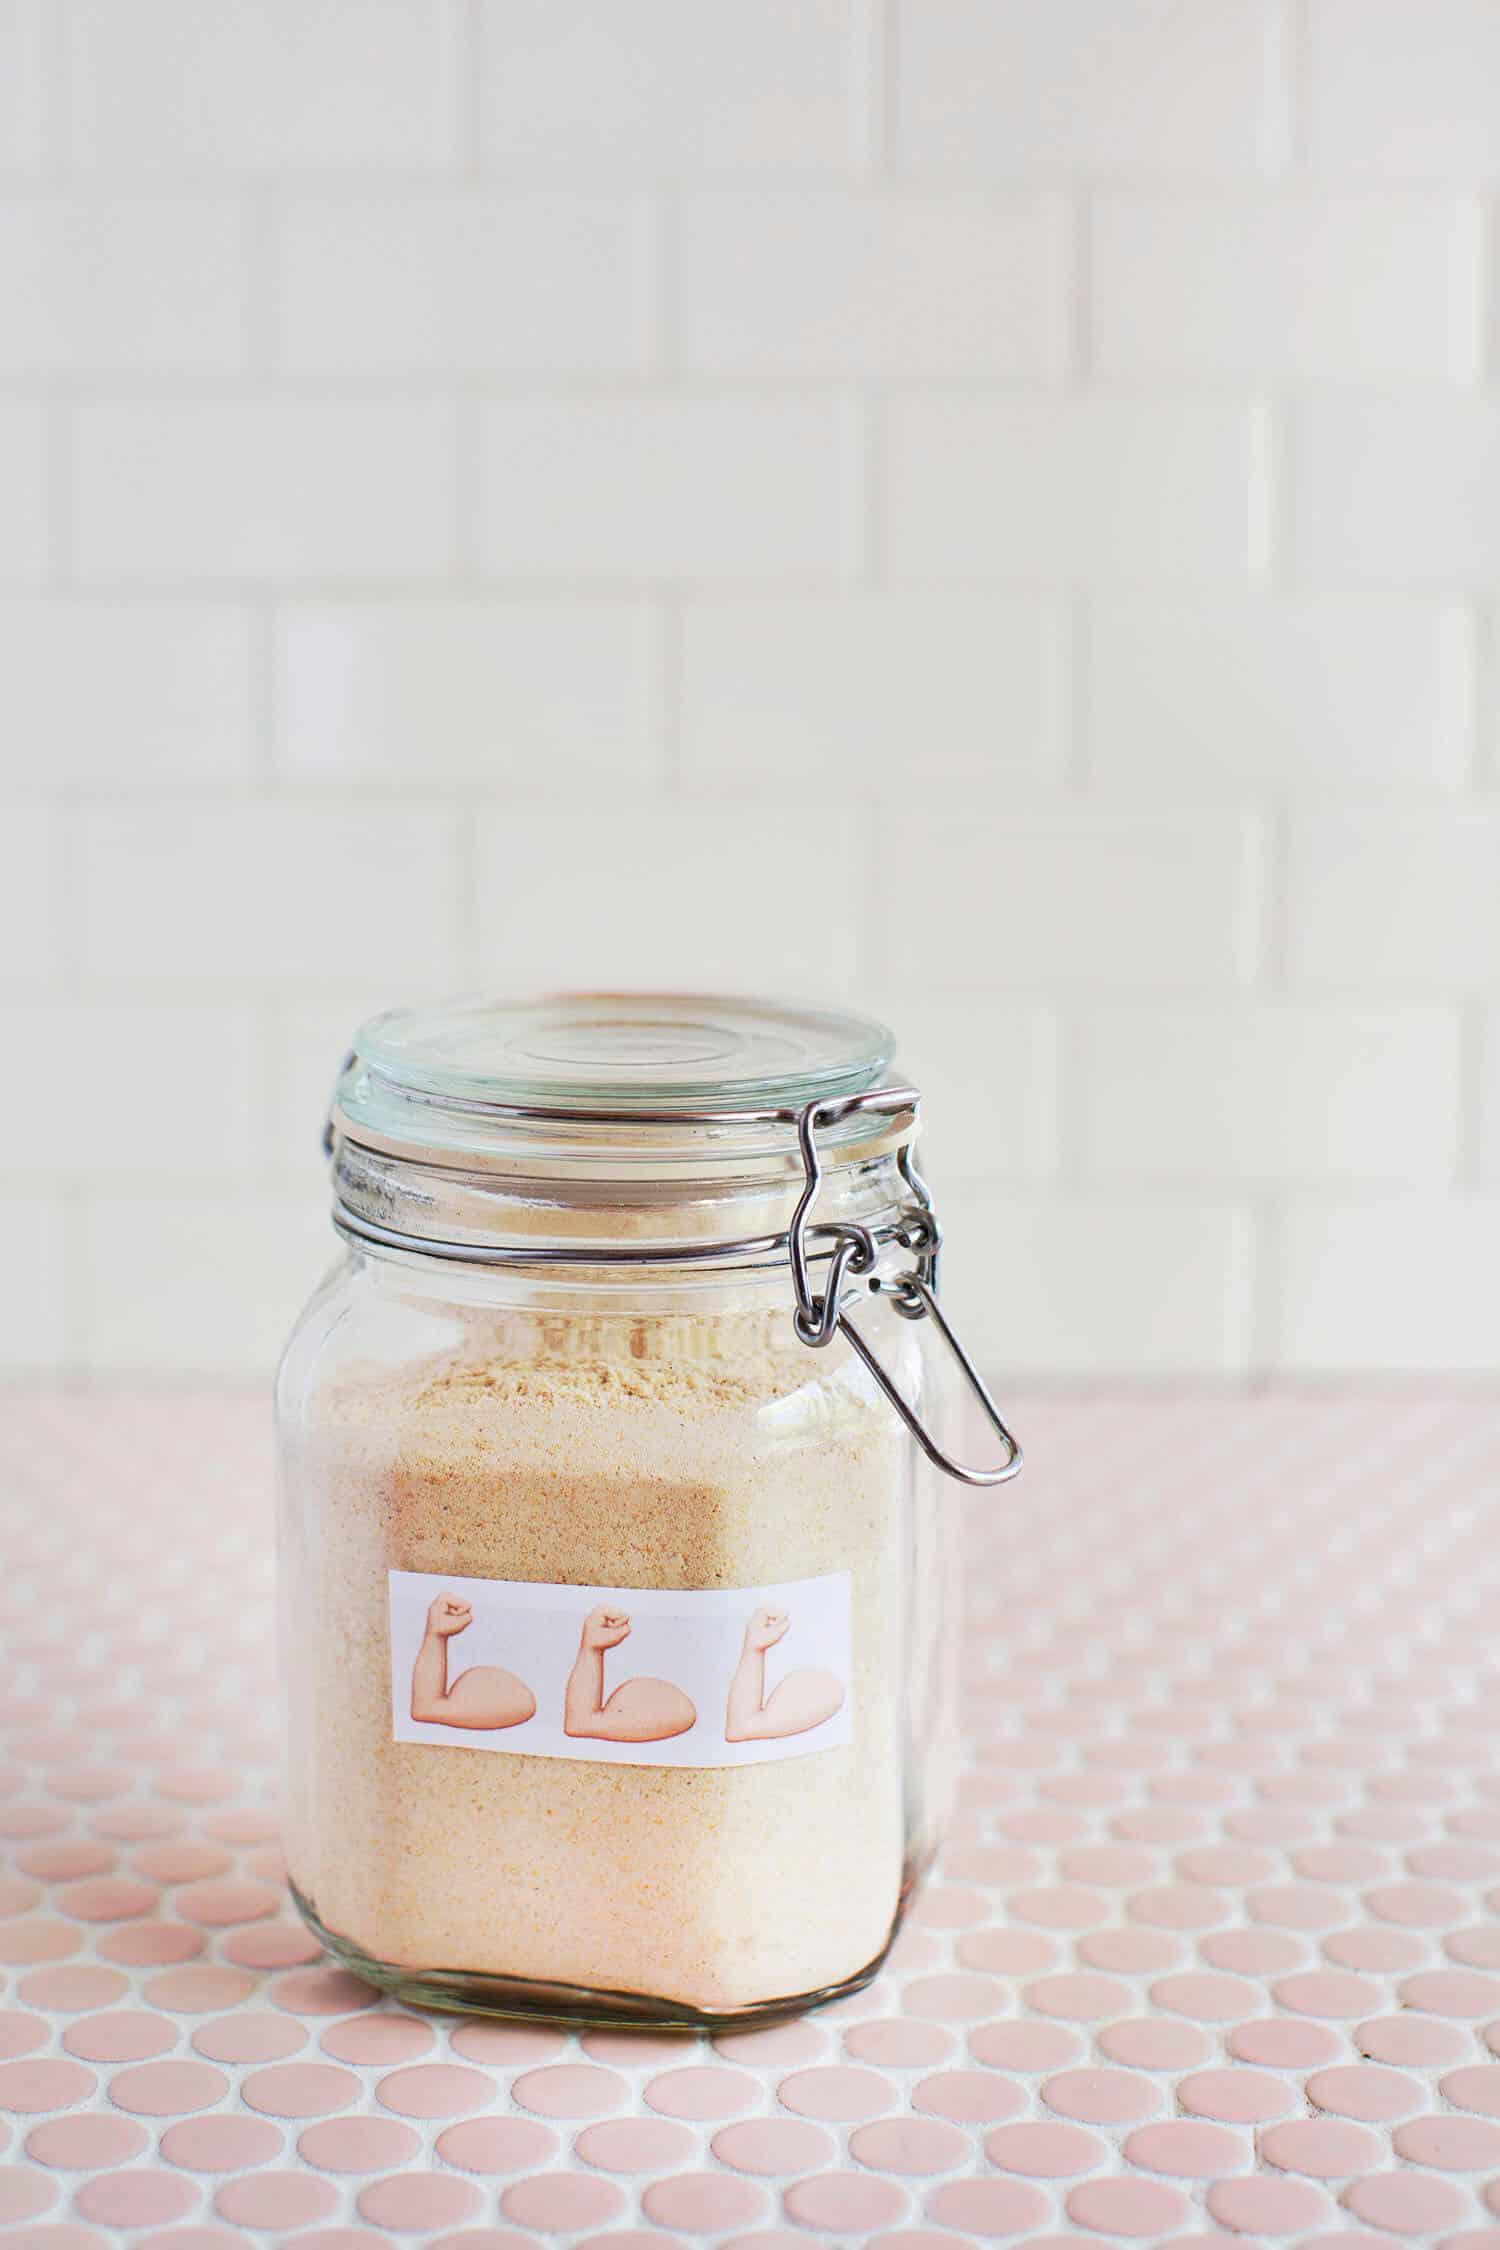 Selbst gemachte Vollkornprotein-Pfannkuchen-Mischung